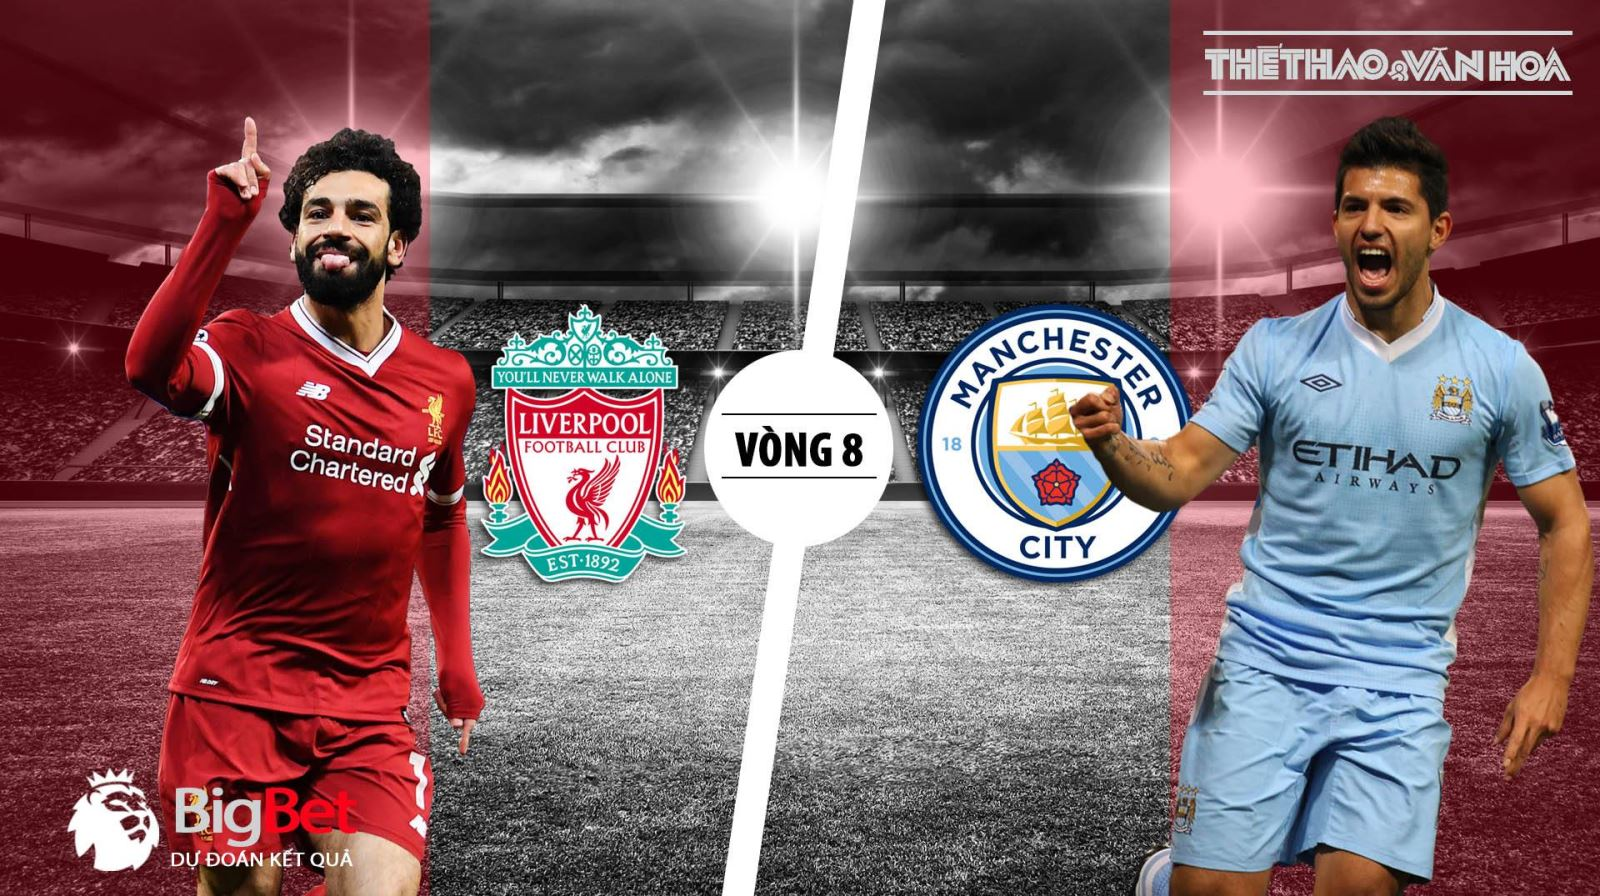 Trực tiếp bóng đá, trực tiếp Liverpool vs Man City, Kèo Liverpool vs Man City, nhận định chuyên gia, nhận định Man City vs Liverpool, dự đoán bóng đá, Liverpool, Man City